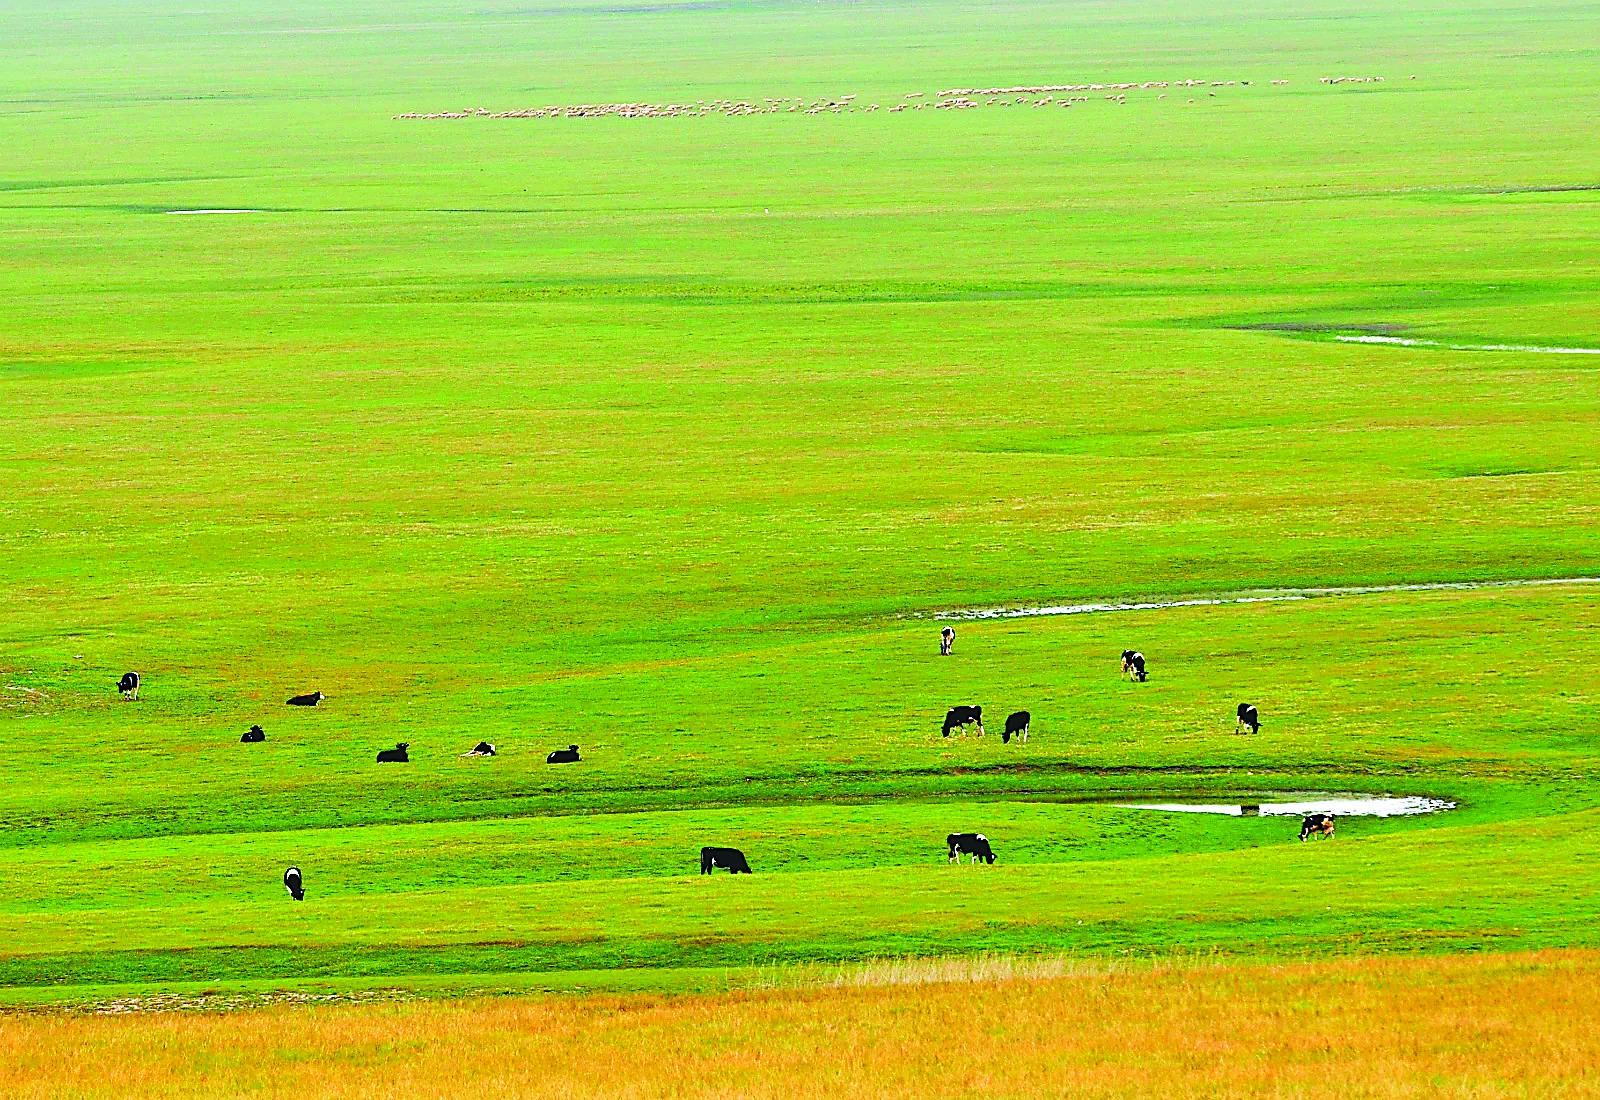 四川省发布促进畜牧业高质量发展若干措施征求意见稿